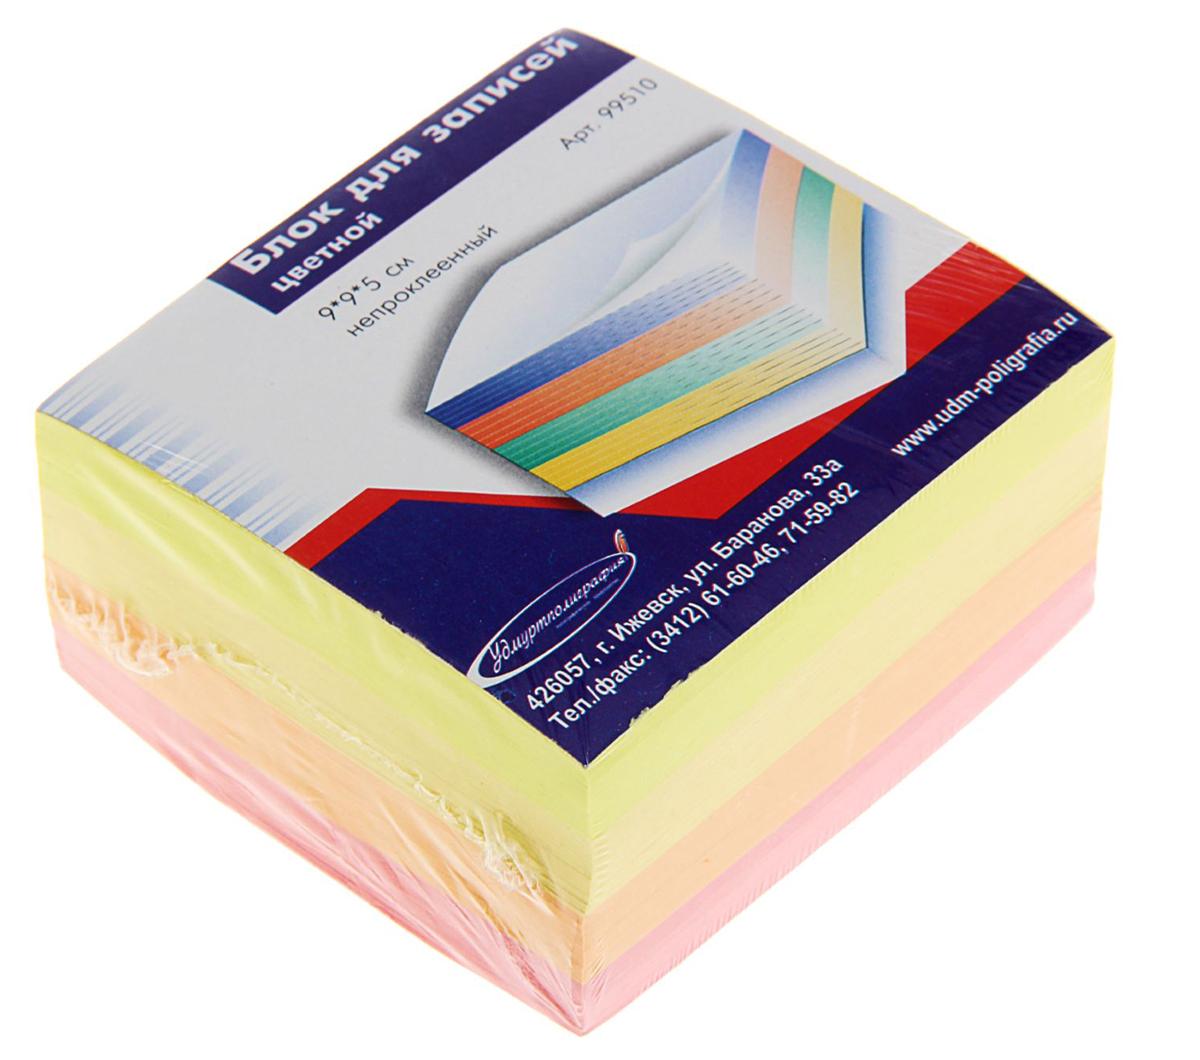 Удмуртполиграфия Блок для записей 9 x 9 см192626Невозможно представить нашу жизнь без праздников! Мы всегда ждем их и предвкушаем, обдумываем, как проведем памятный день, тщательно выбираем подарки и аксессуары, ведь именно они создают и поддерживают торжественный настрой. Блок бумаги для записи 9х9х5см, Цветной — это отличный выбор, который привнесет атмосферу праздника в ваш дом!Часто появляется необходимость оставить небольшое послание коллеге, сделать пометку для родных или запомнить нужный телефон?Чтобы зафиксировать важную информацию, достаточно иметь при себе неброский, но необходимый в быту предмет — Блок бумаги для записи 9х9х5см, Цветной. Этот канцелярский аксессуар займет минимум места в сумке или на рабочем столе.